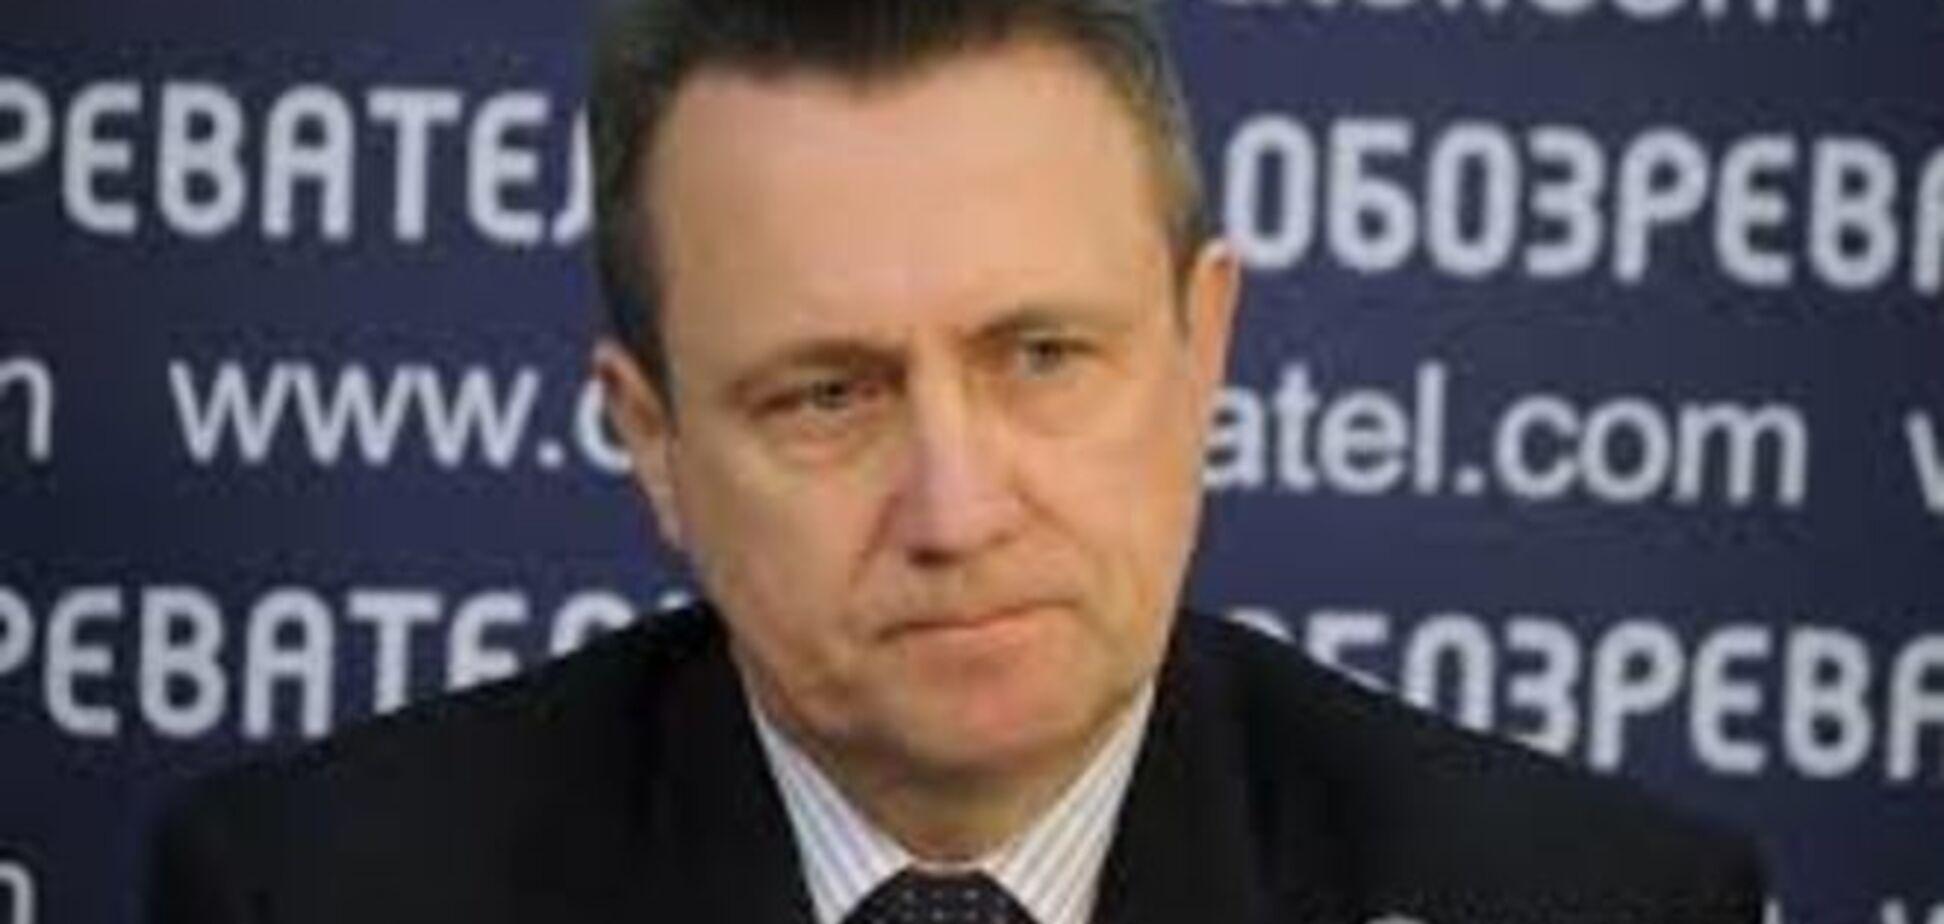 Адмирал Кабаненко объяснил причины отказа Обамы в военной помощи Украине